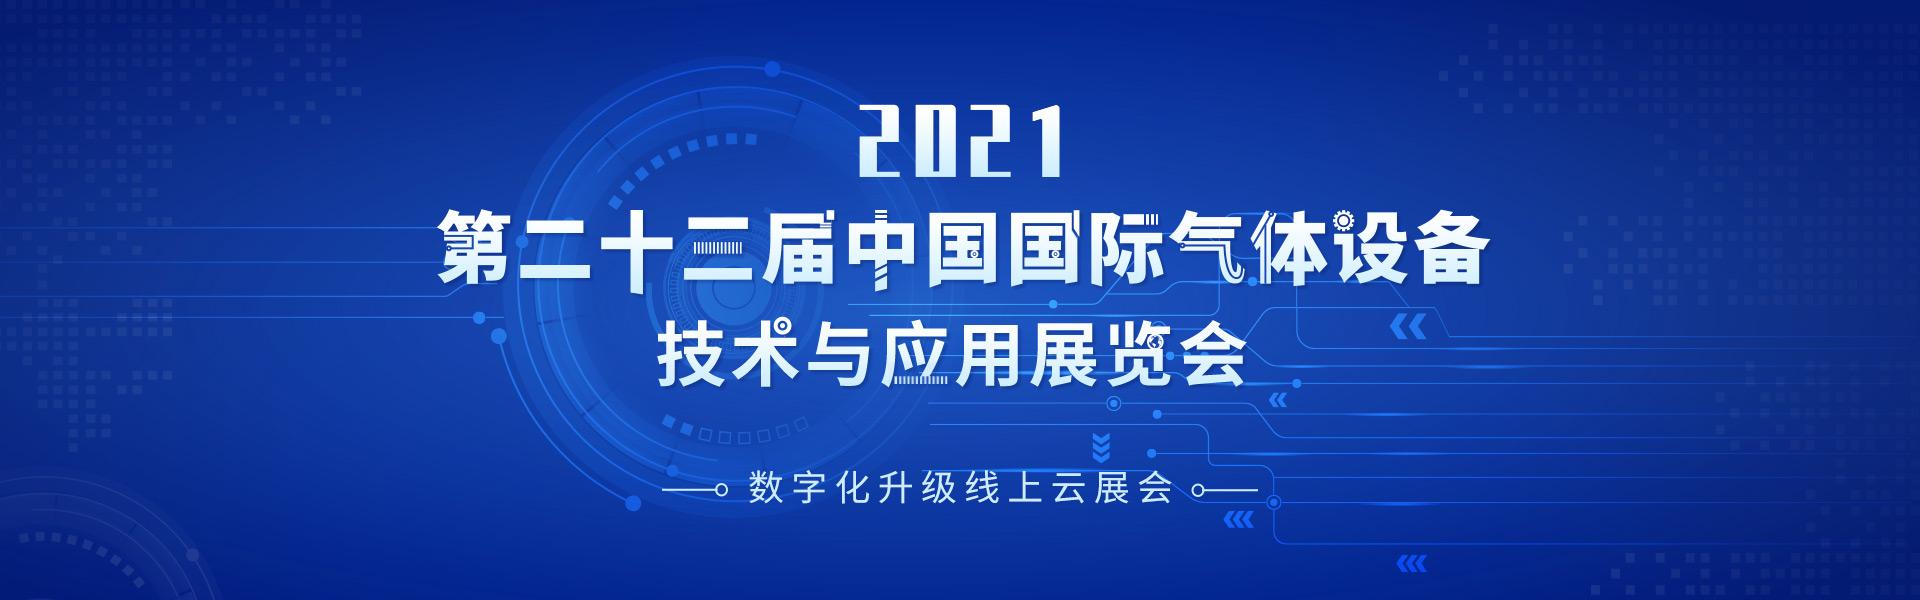 第二十三届中国国际气体设备、技术与应用展览会